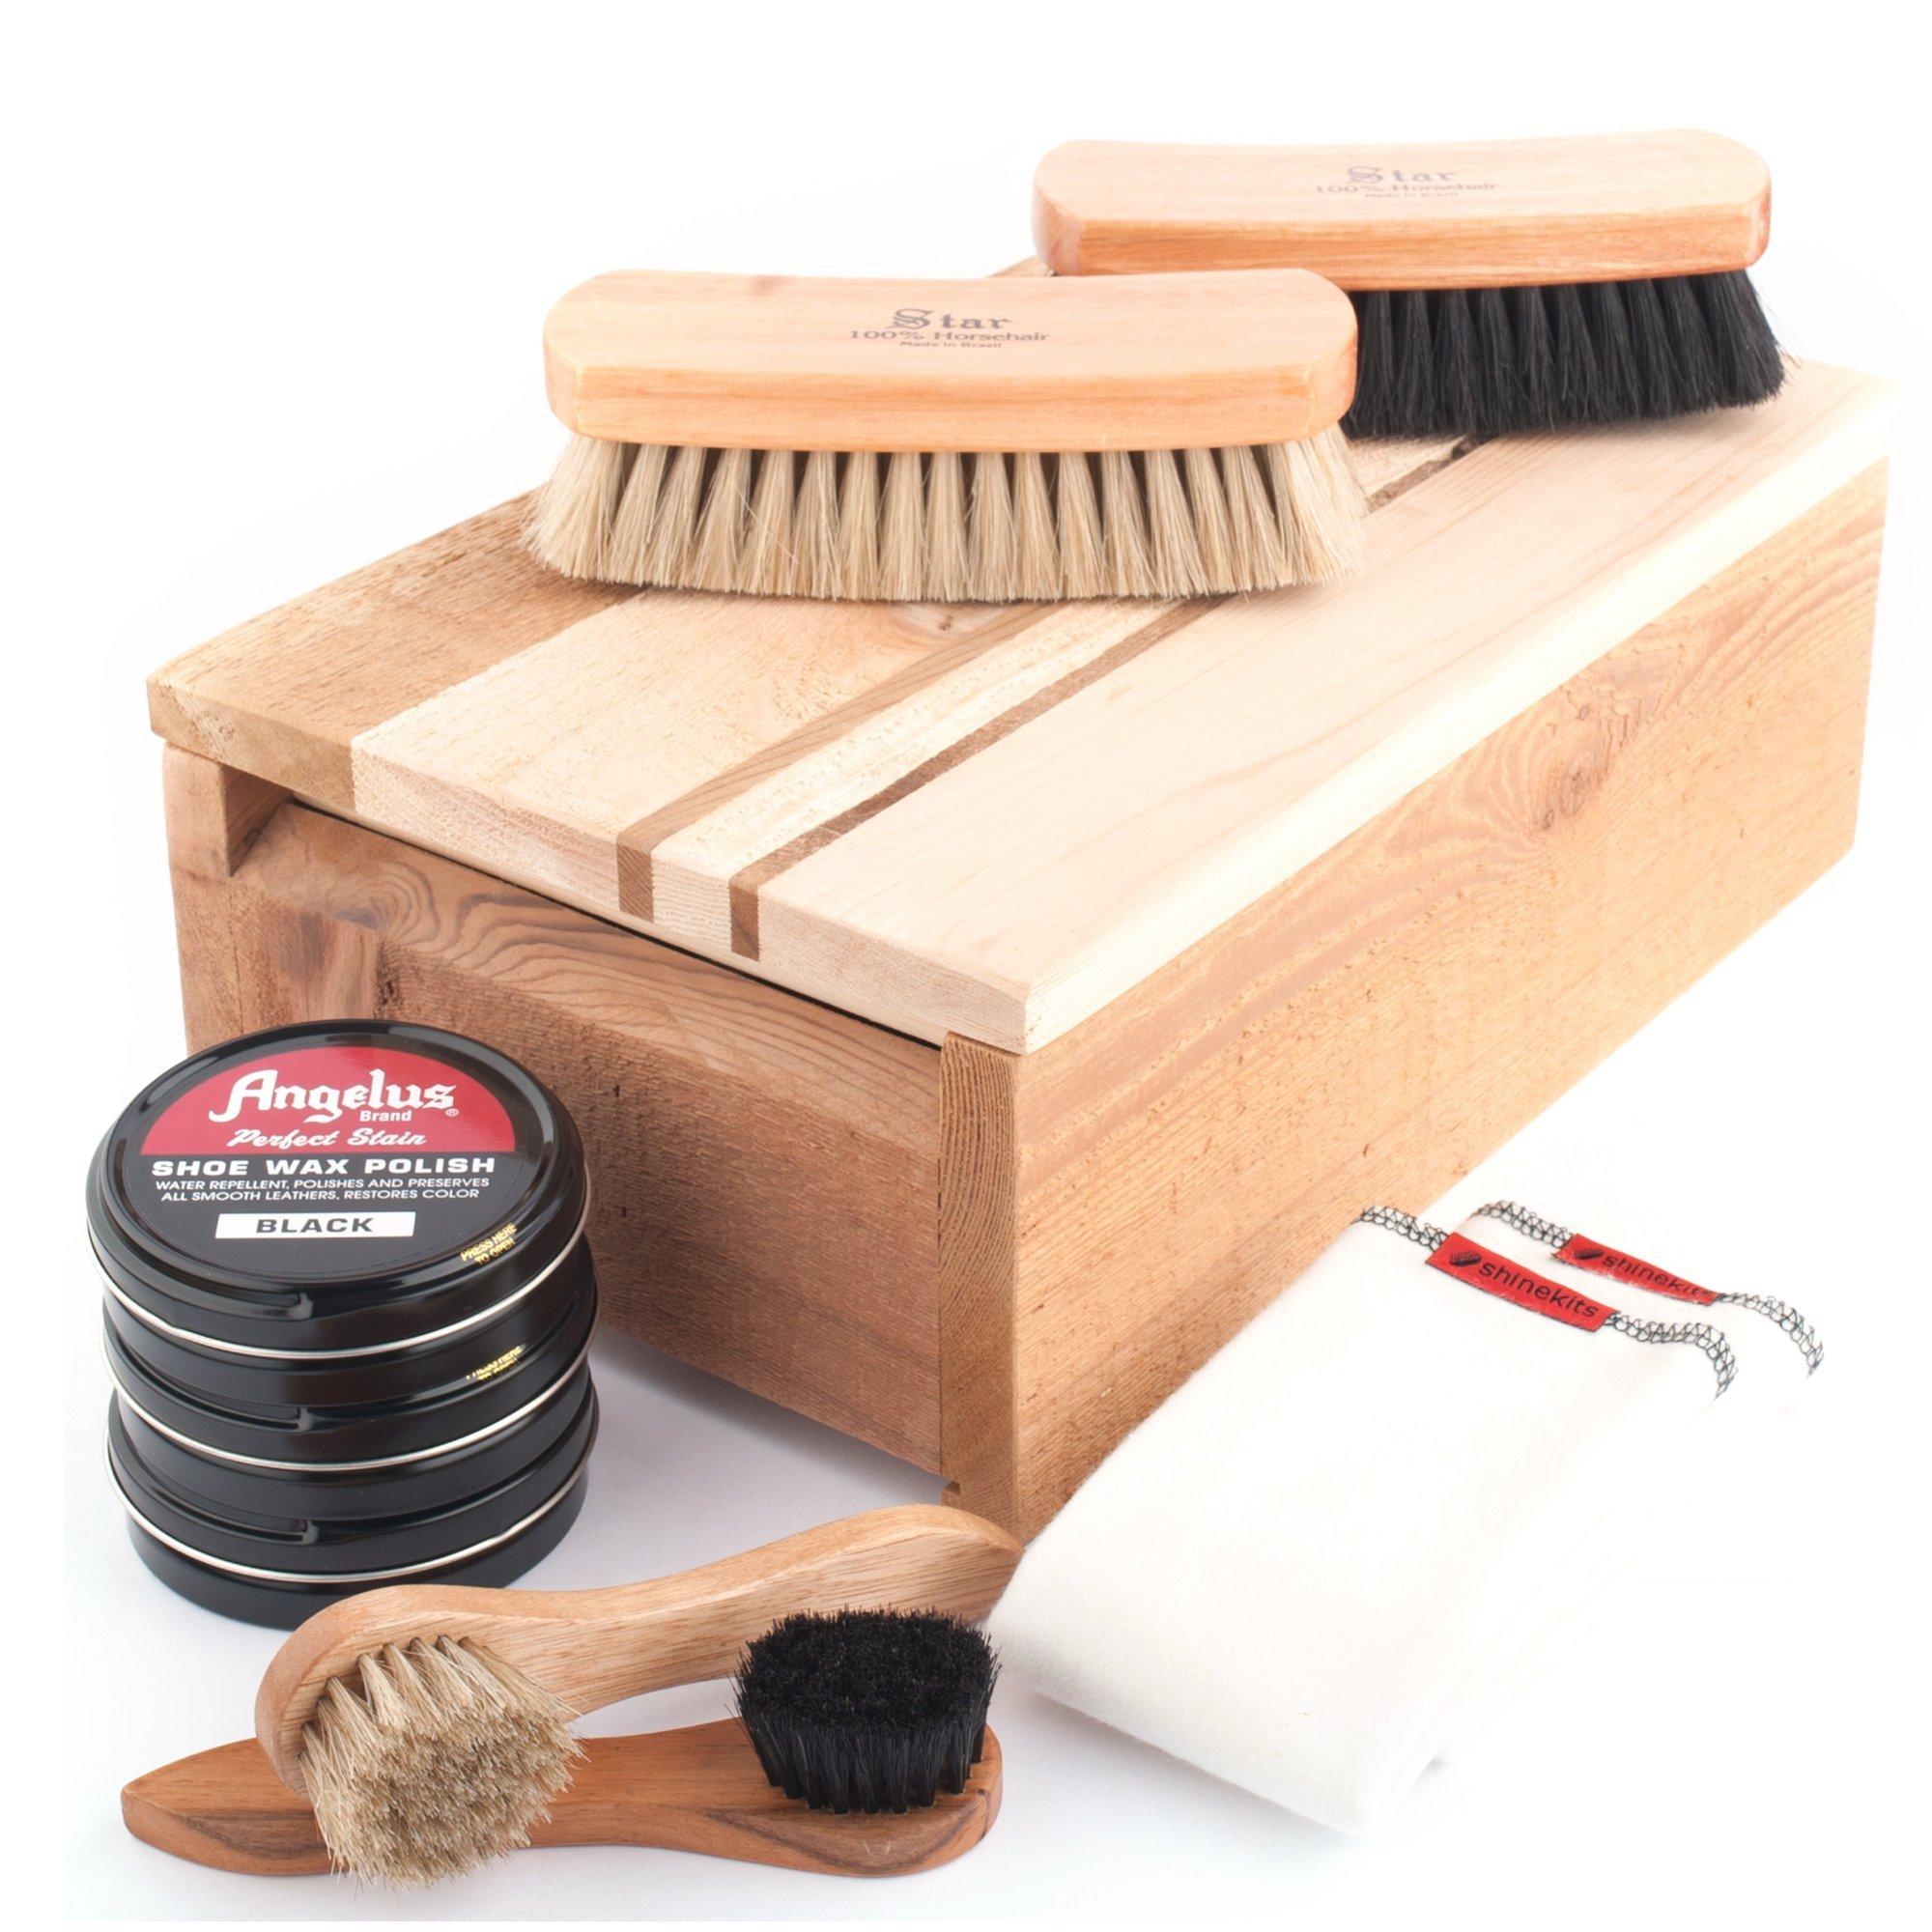 Shinekits Cedar Shoe Shine Kit